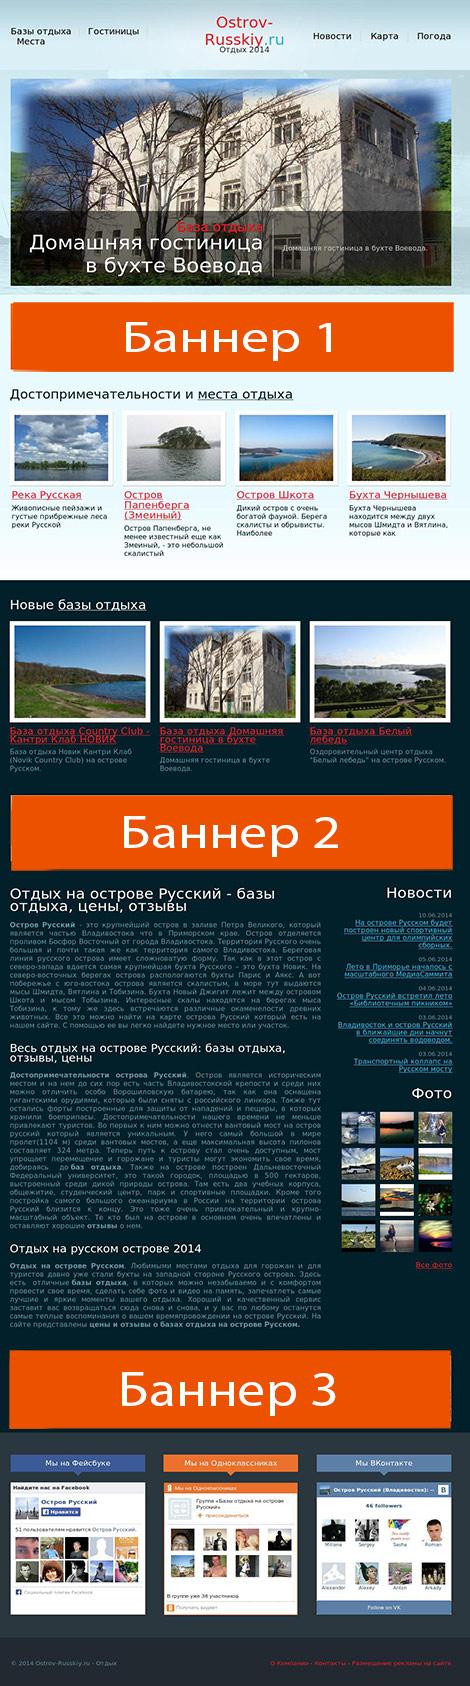 схема размещения рекламы на сайте ostrov-russkiy.ru  height=